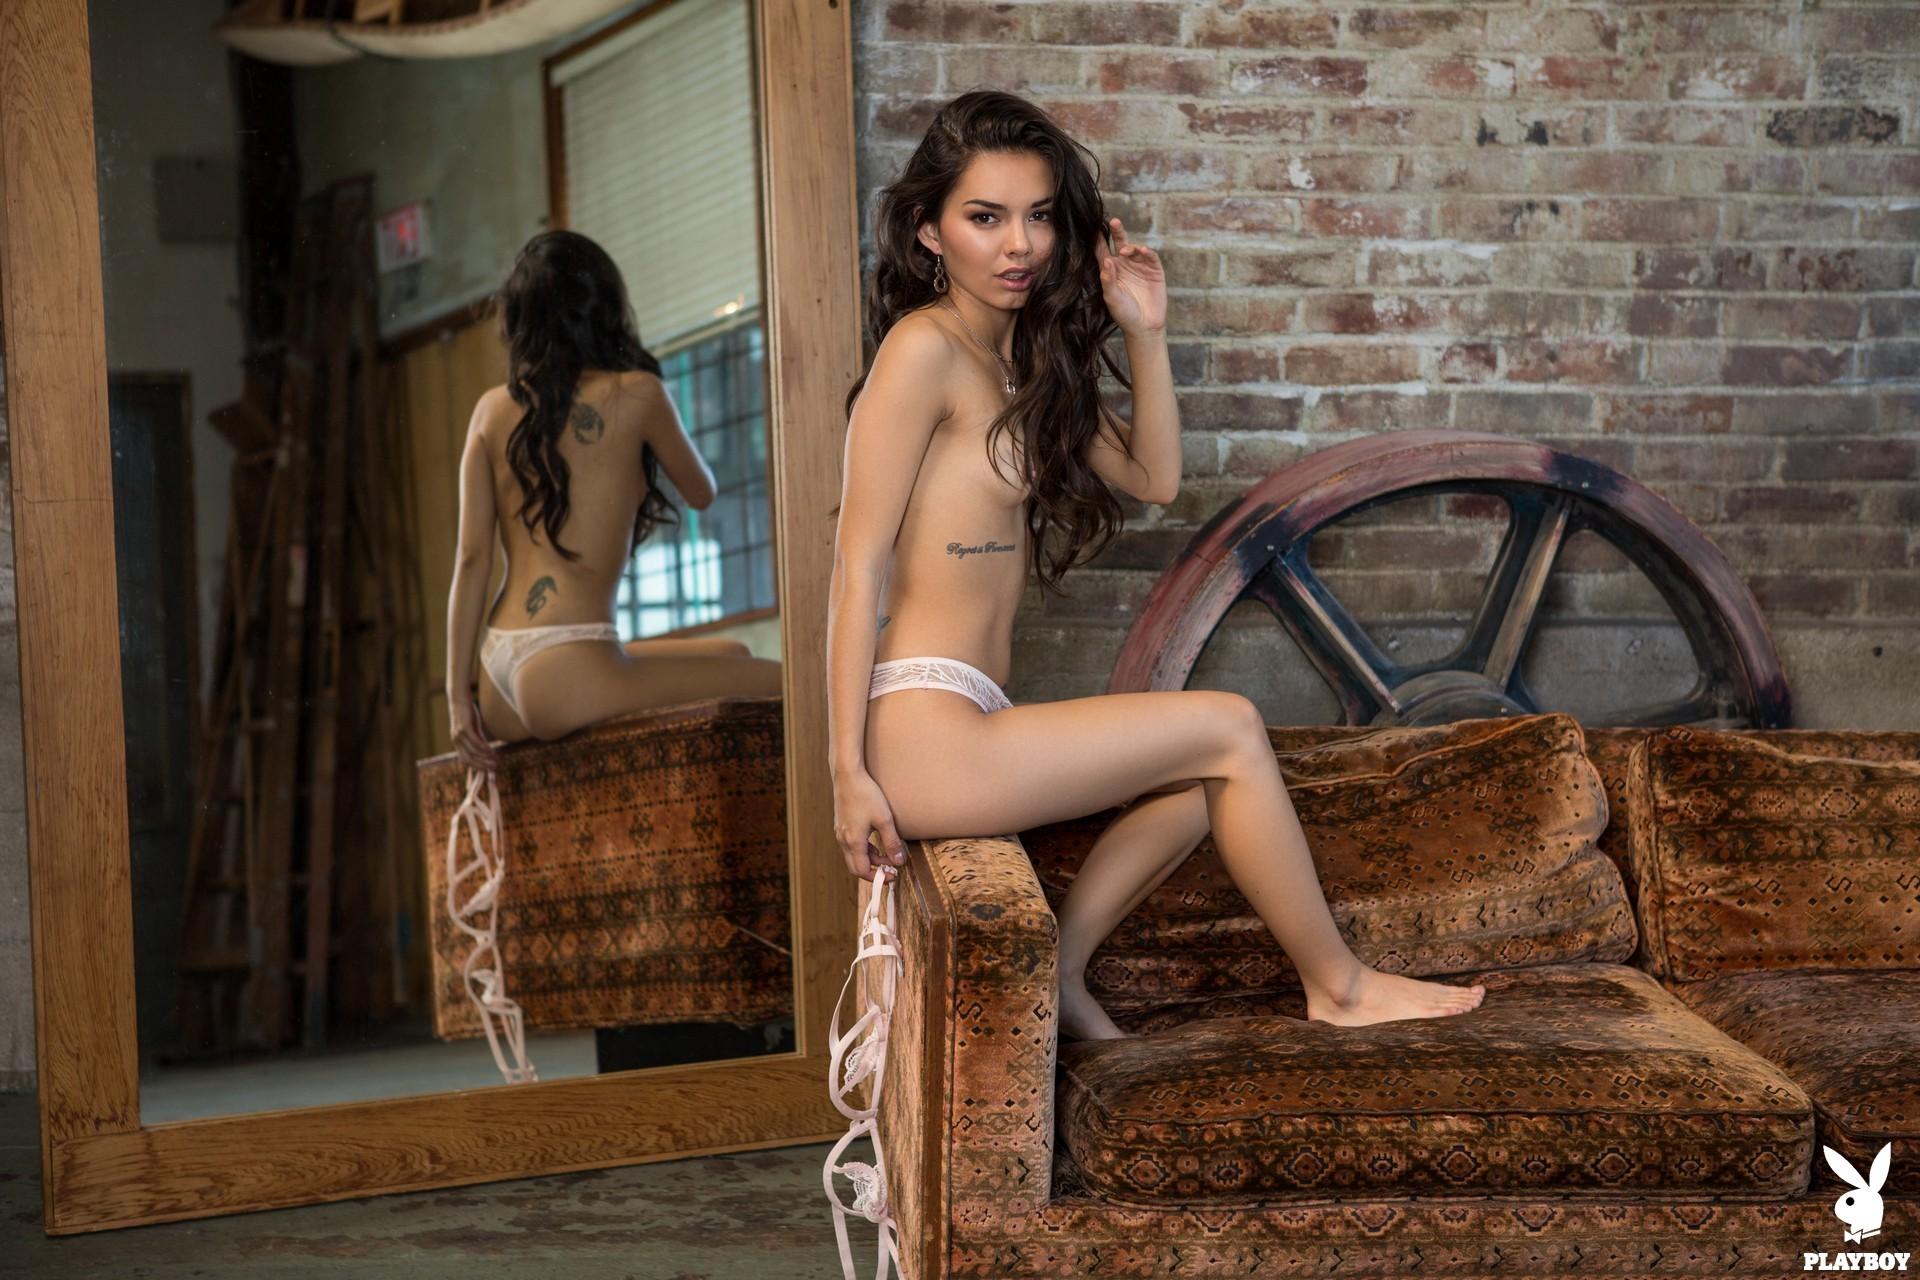 Dominique Gabrielle in Rustic Seduction - Playboy Plus 39